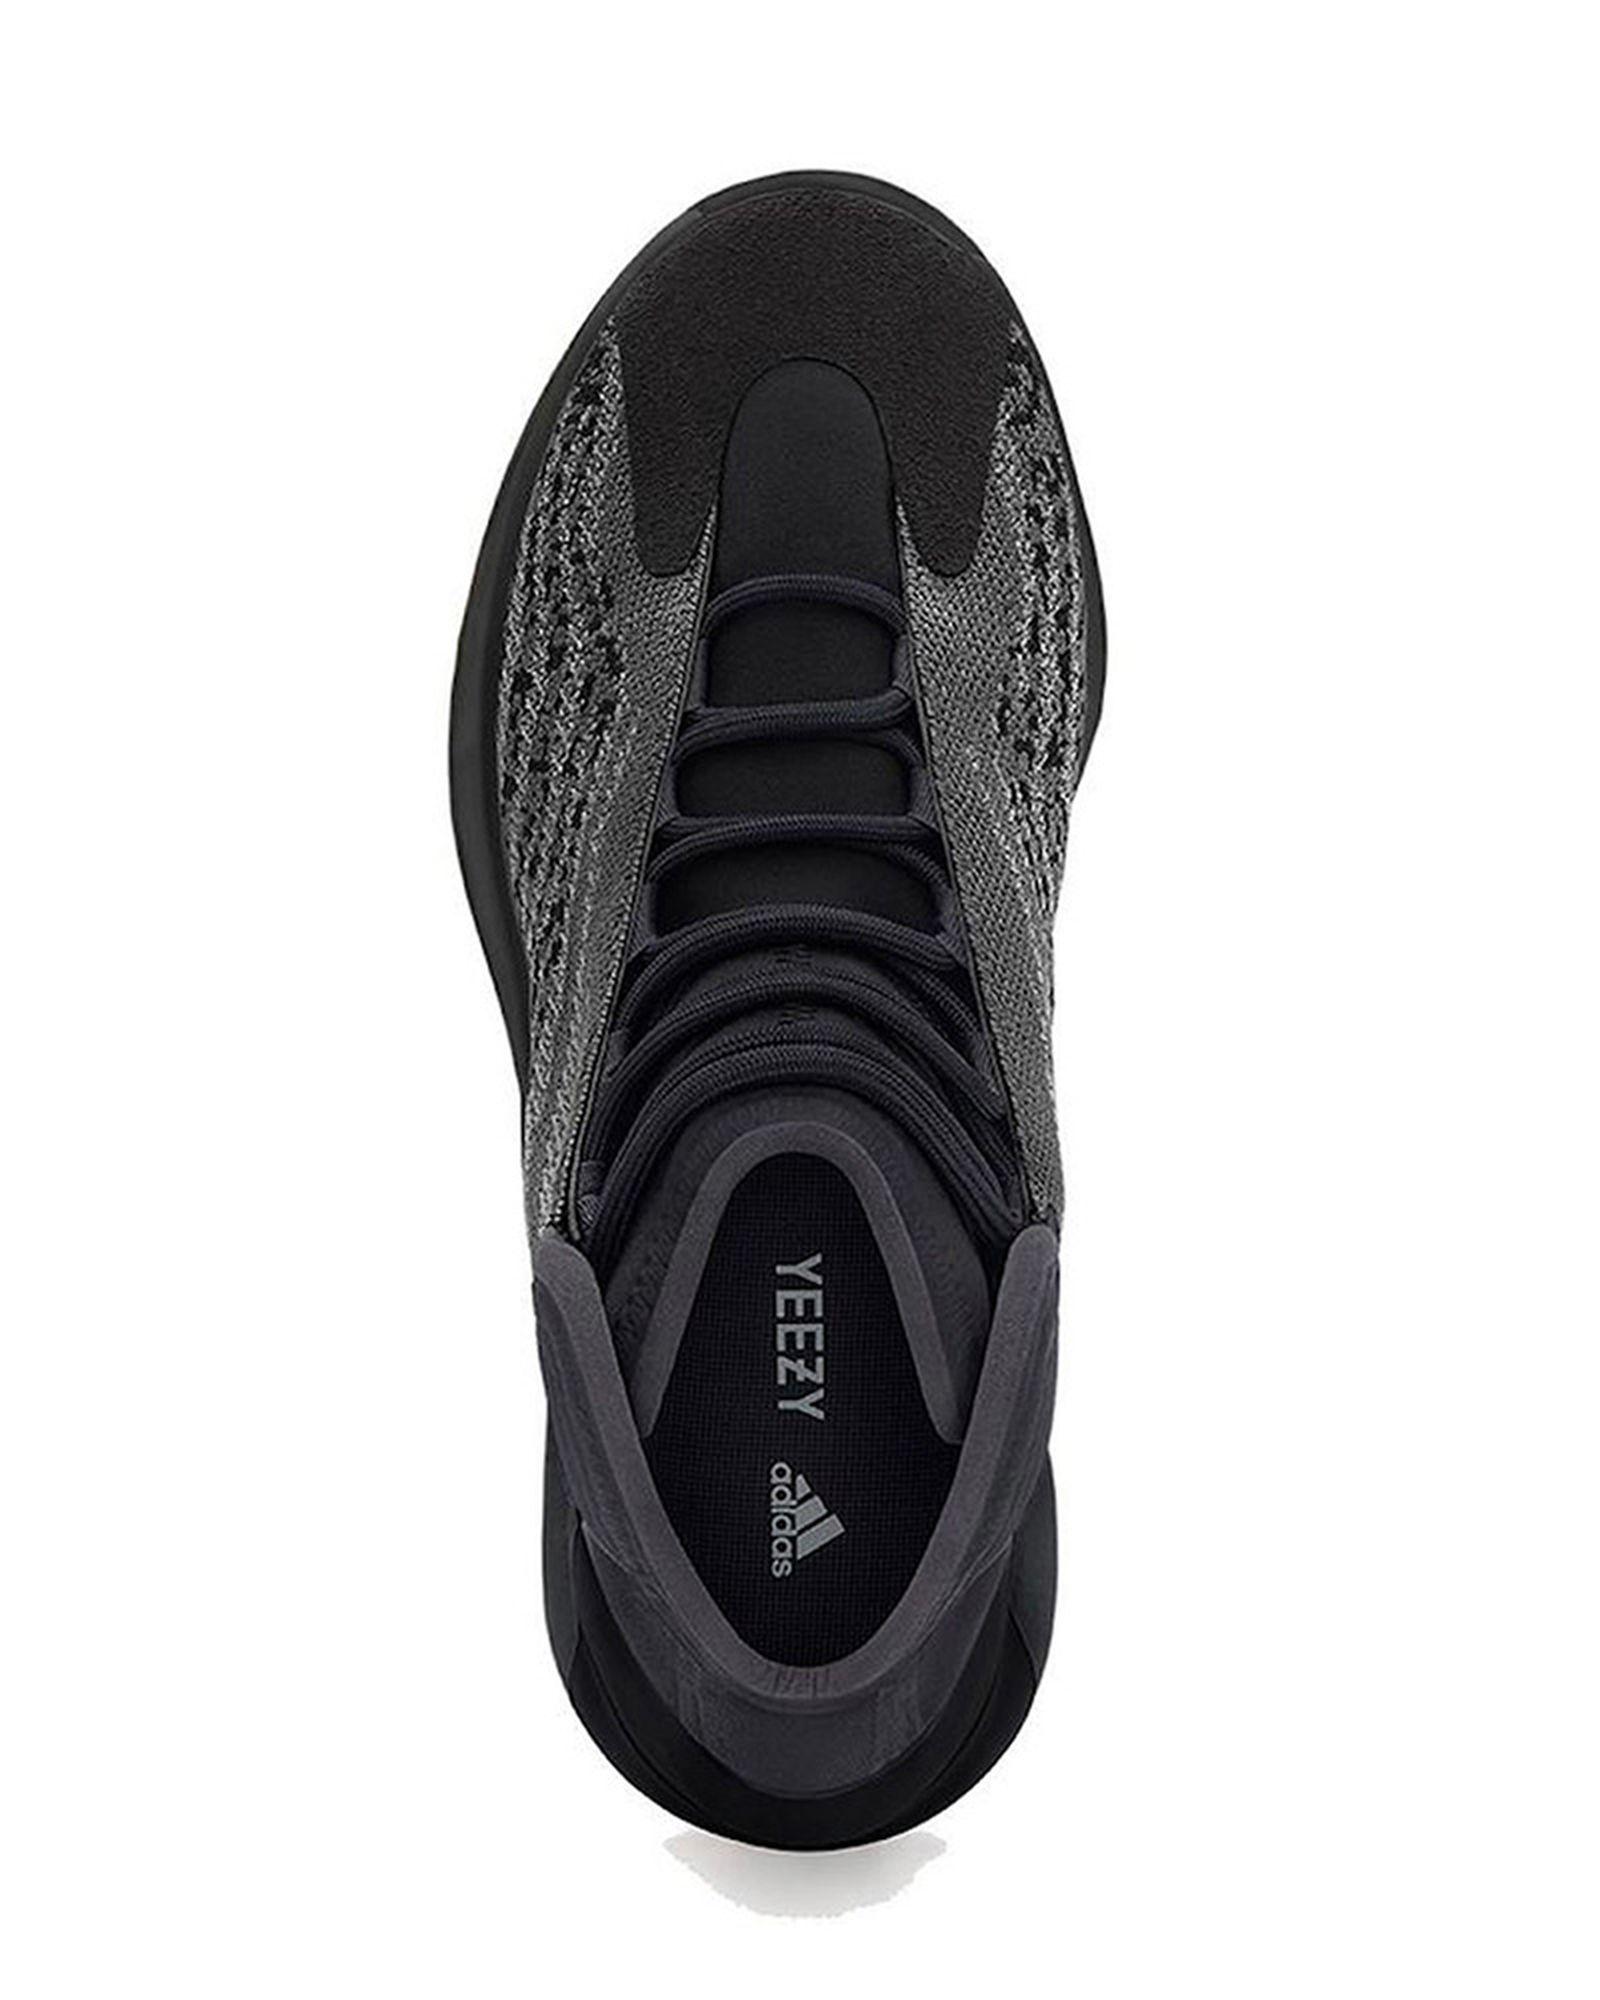 adidas-yeezy-quantum-onyx-release-date-price-02